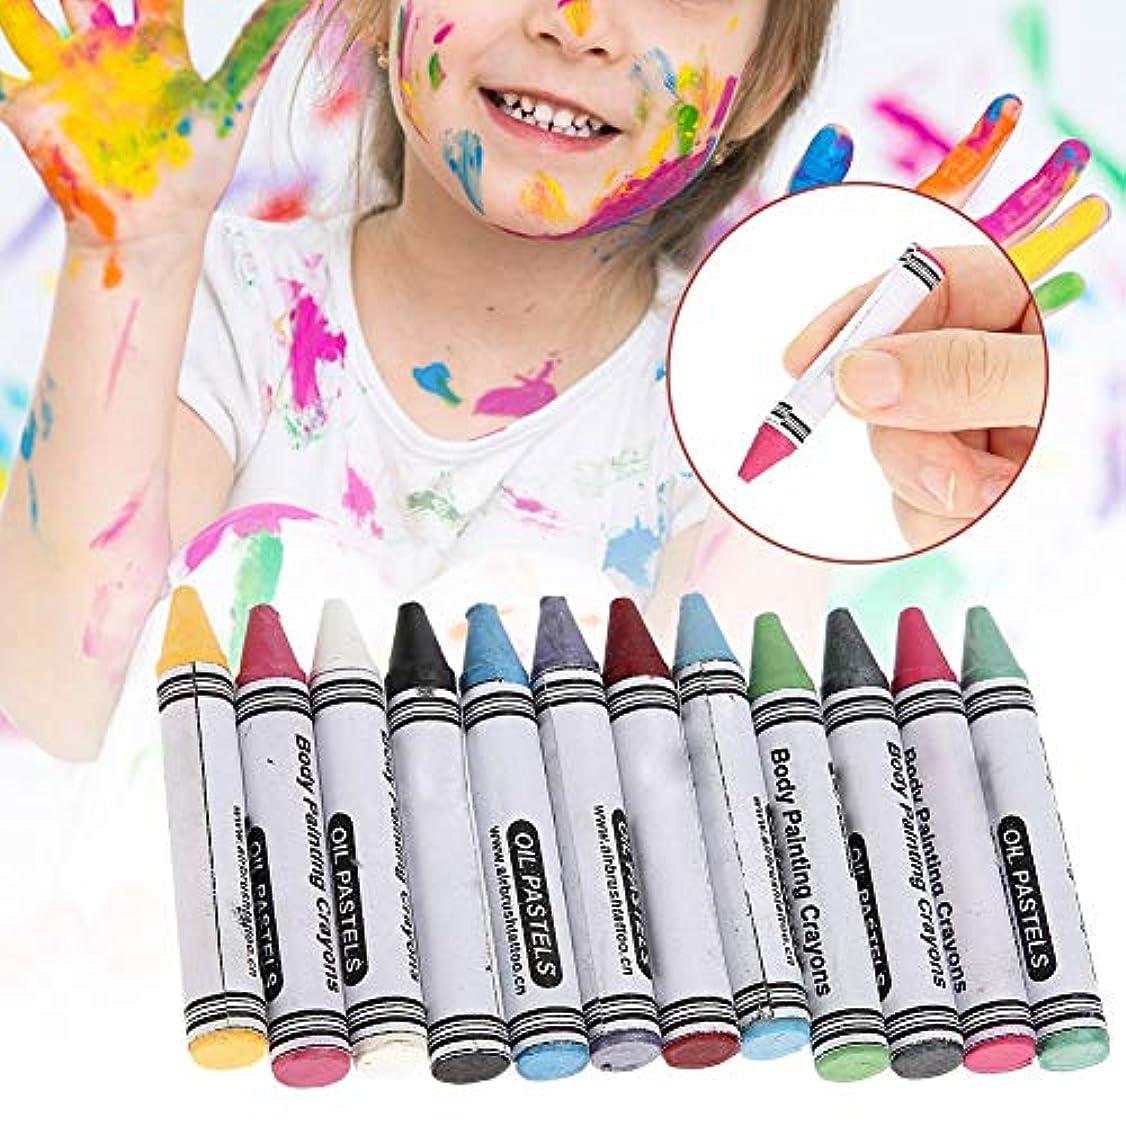 発生するフォーマル注文12色 人体の彩絵クレヨン、パーティー祝日 子供用 環境保護 プレゼント